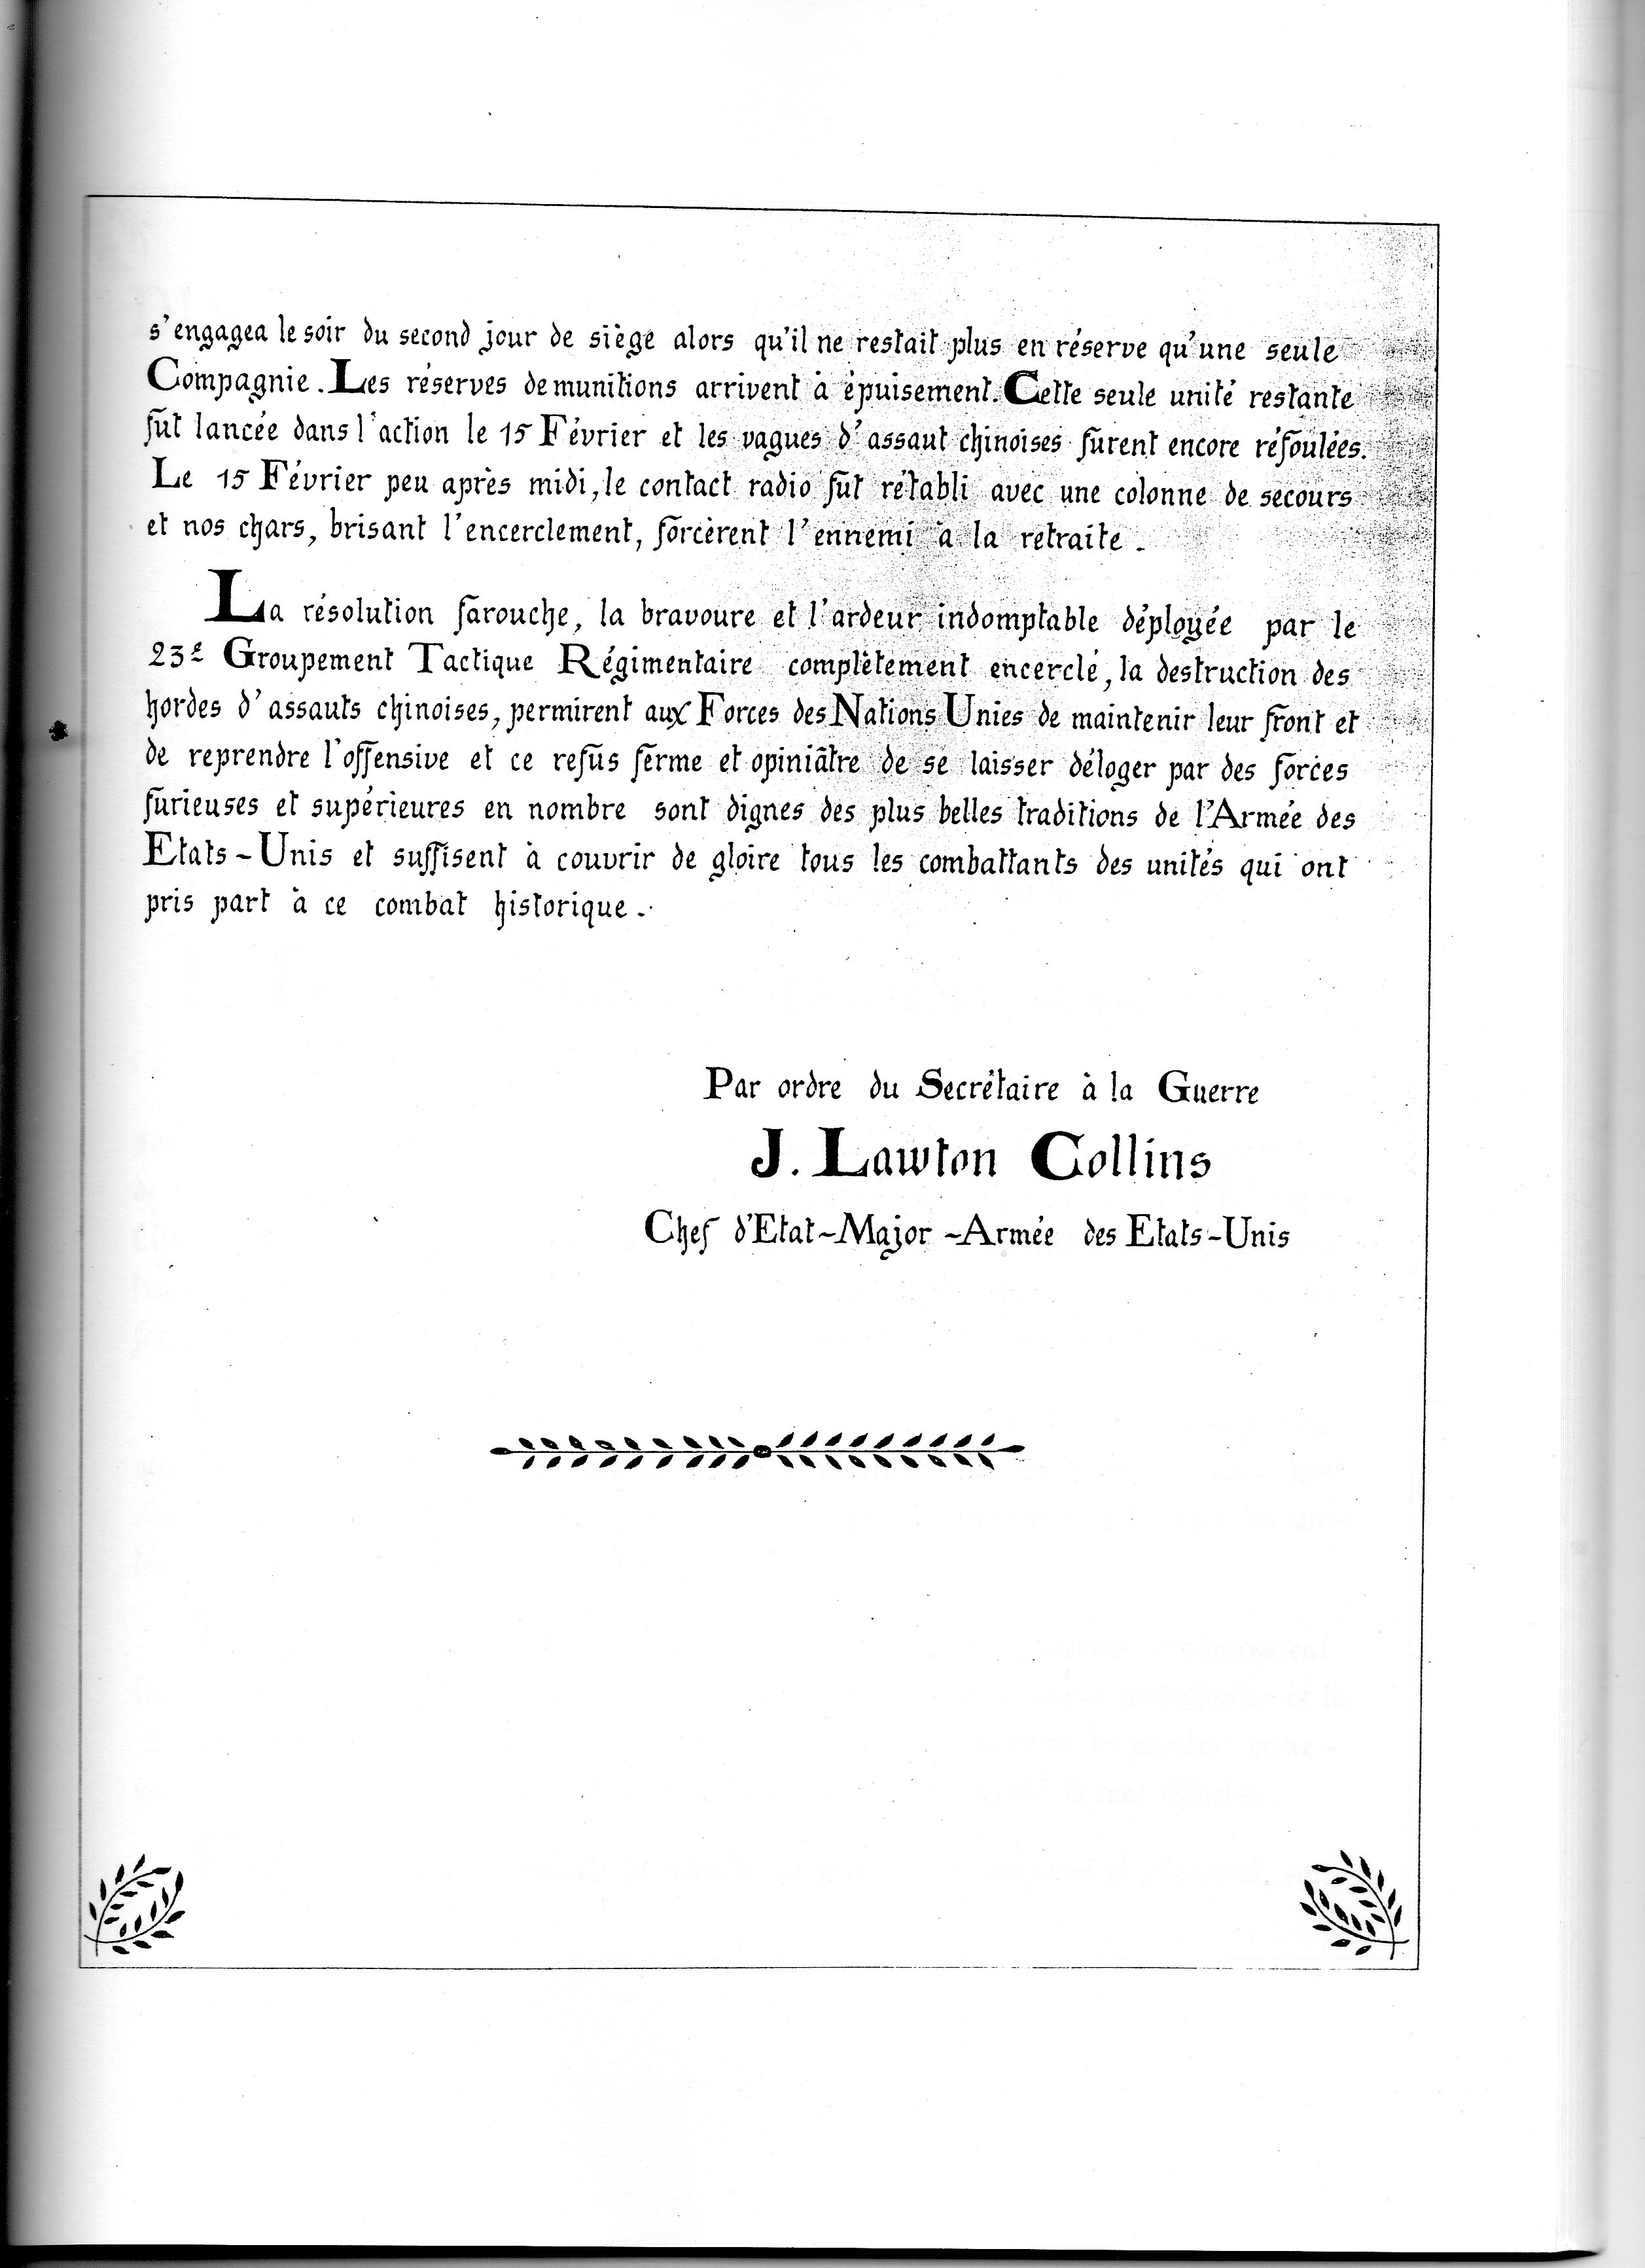 [Opérations de guerre] Guerre de Corée - Tome 2 - Page 3 258266254